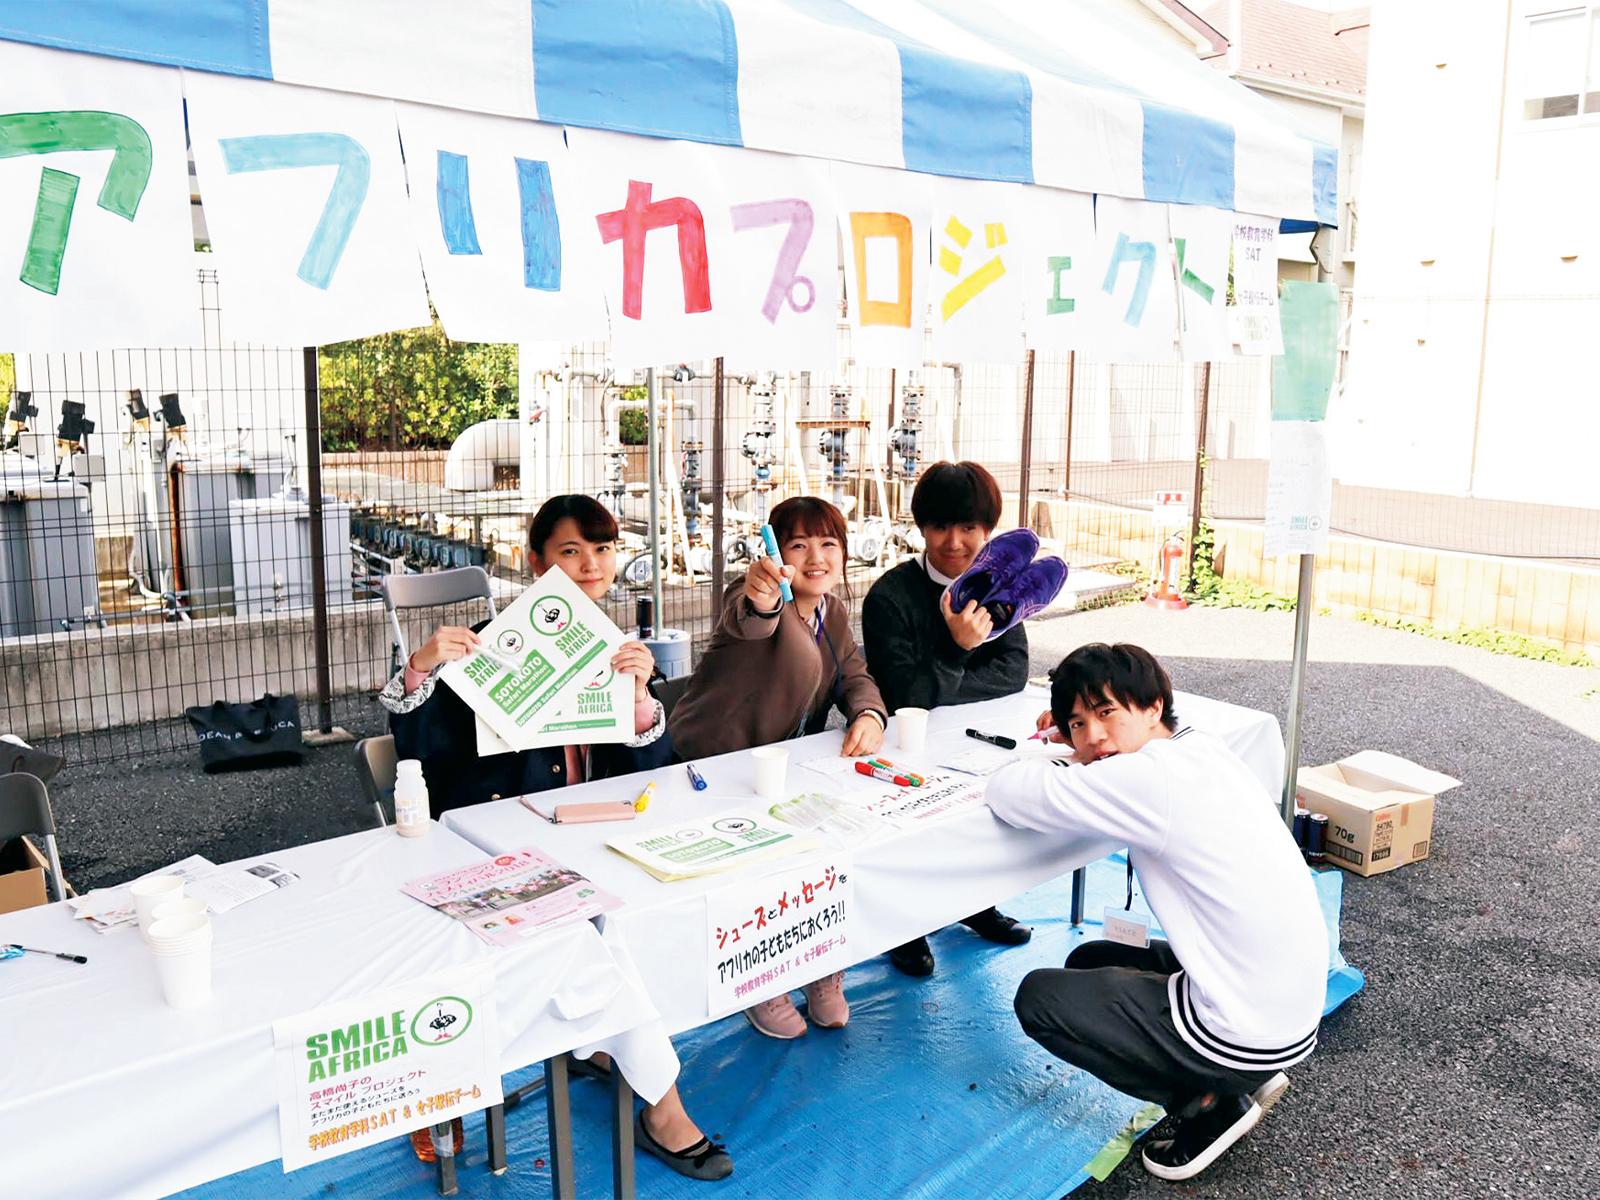 帝京科学大学の学校教育学科公認サークル「SAT」と「陸上競技部女子駅伝チーム」がタッグを組み、昨年10月、同大学の大学祭「桜科祭」でブースを出展。シューズ回収を行った。